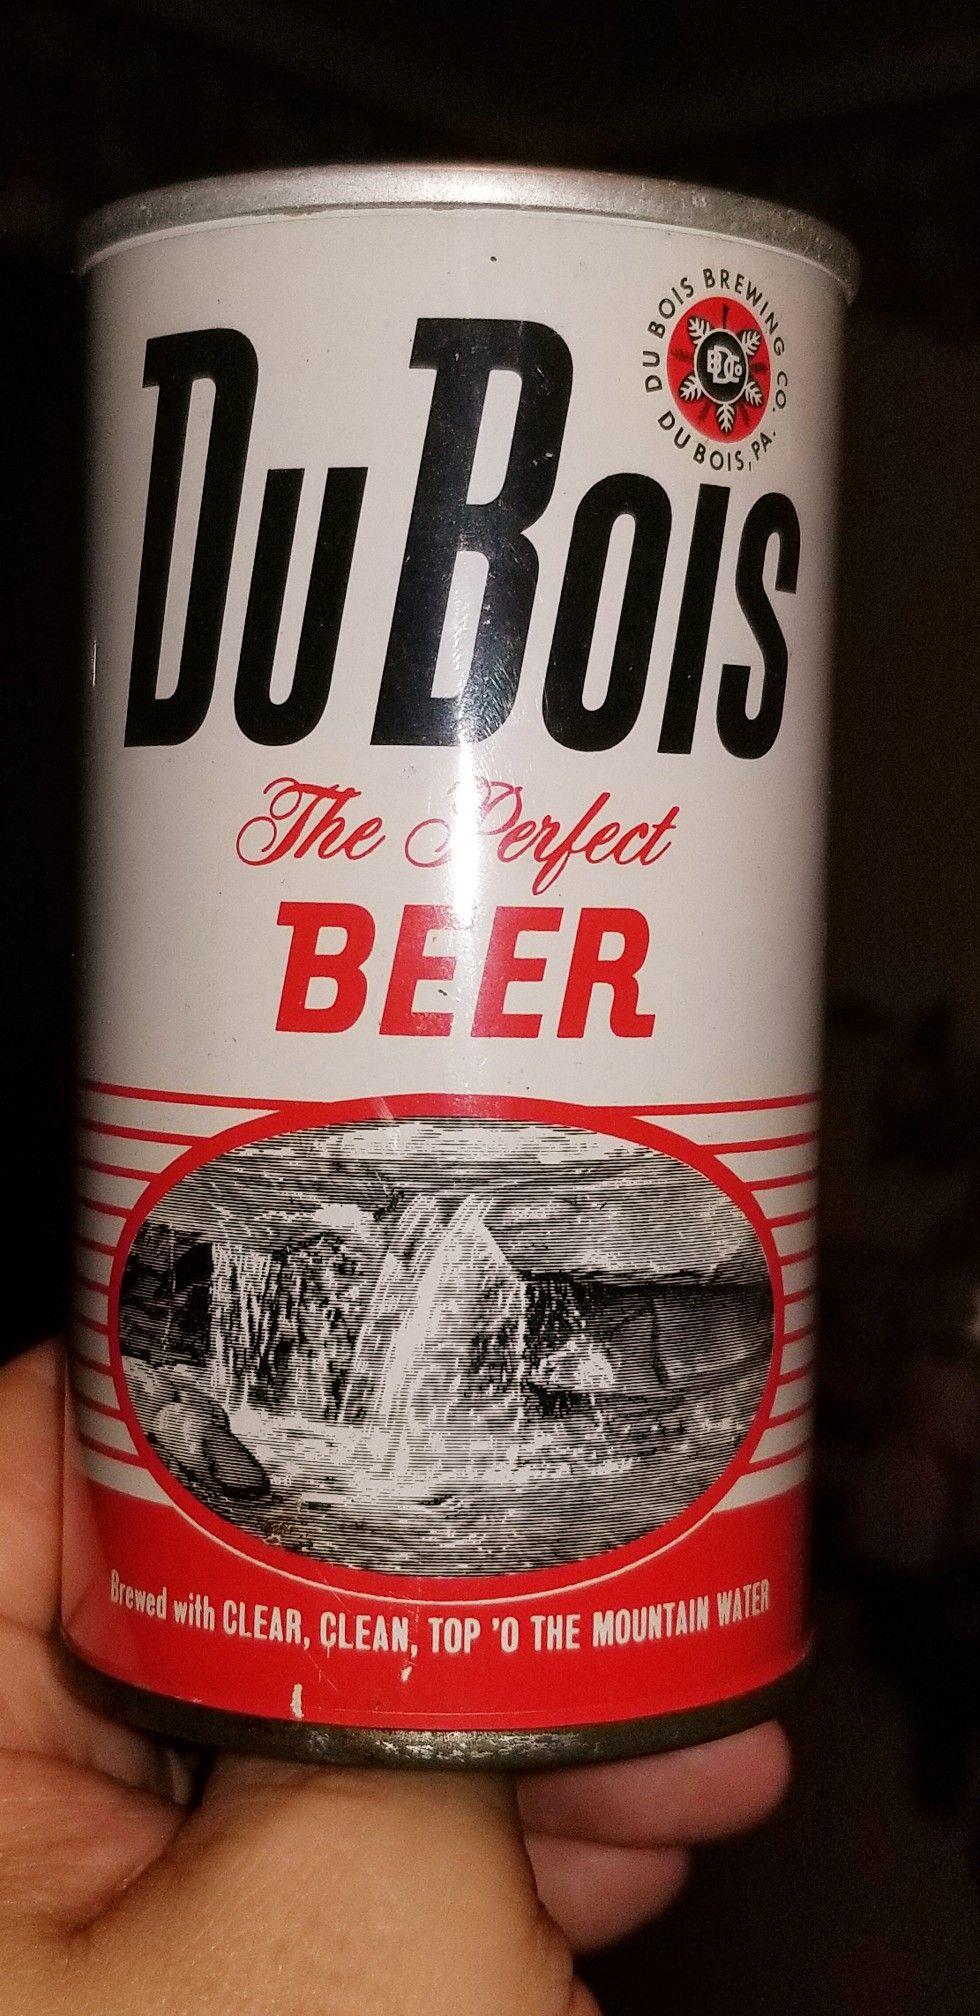 Du Bois The Perfect Beer Du Bois Pa 1965 Old Beer Cans Vintage Beer Beer